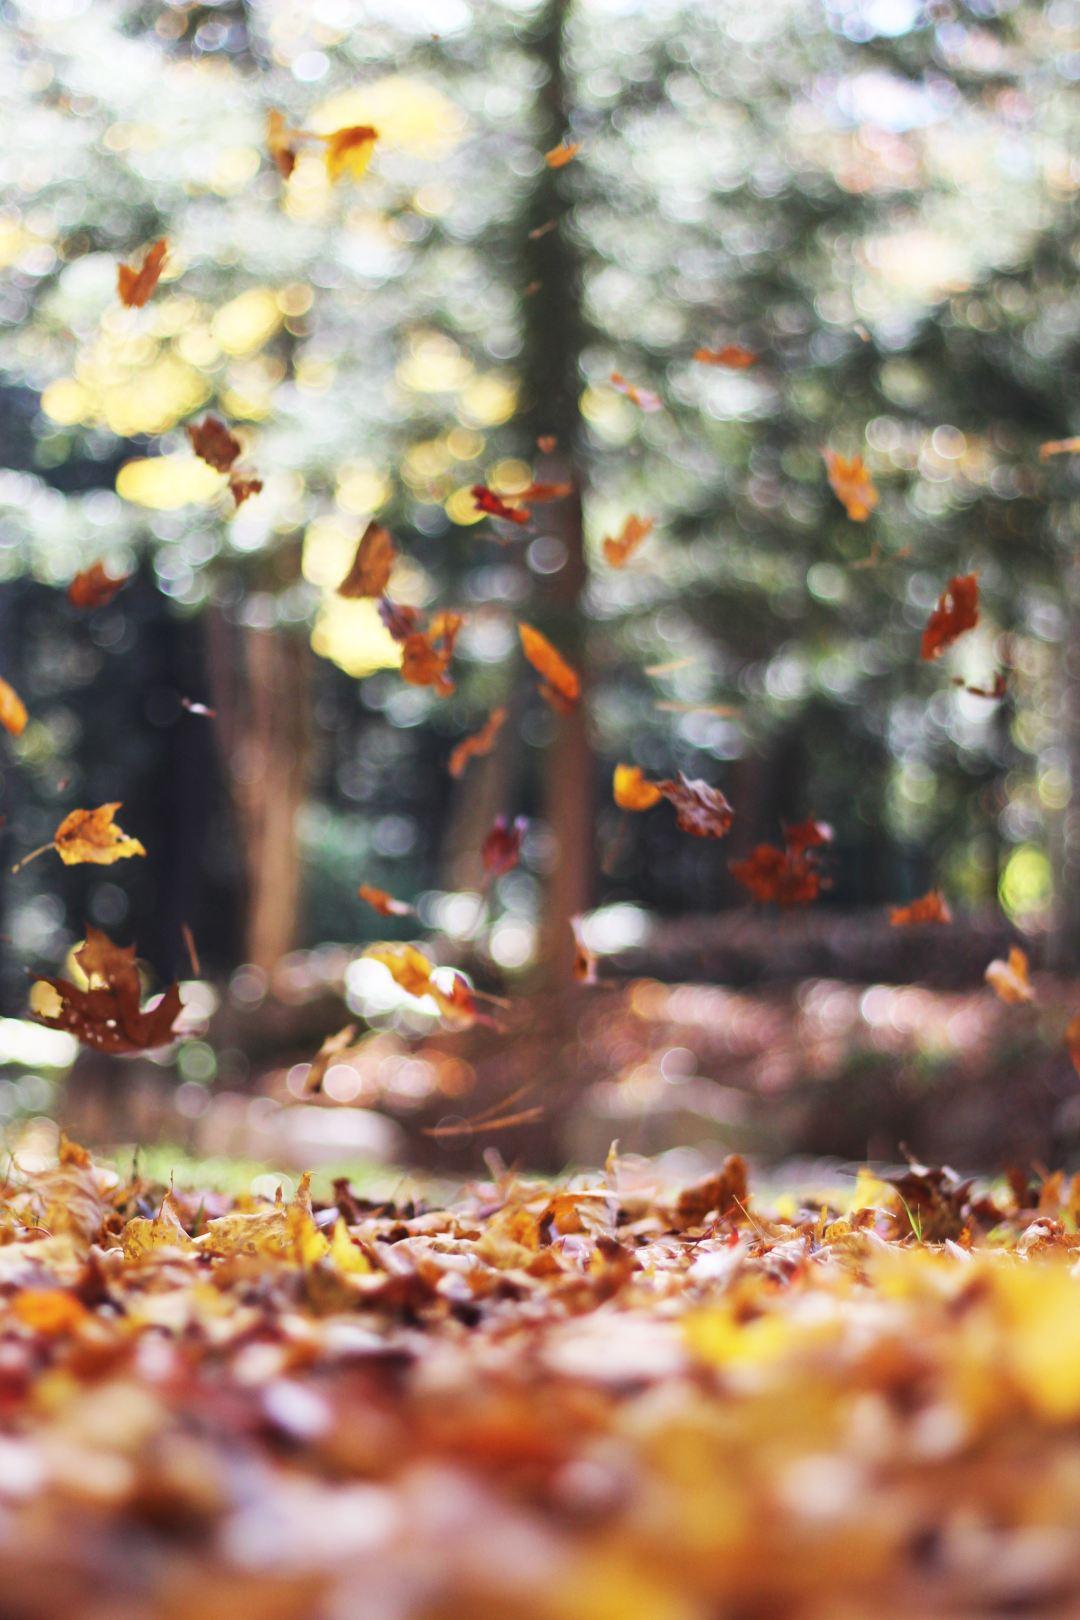 autumn-mott-rodeheaver-15013-unsplash